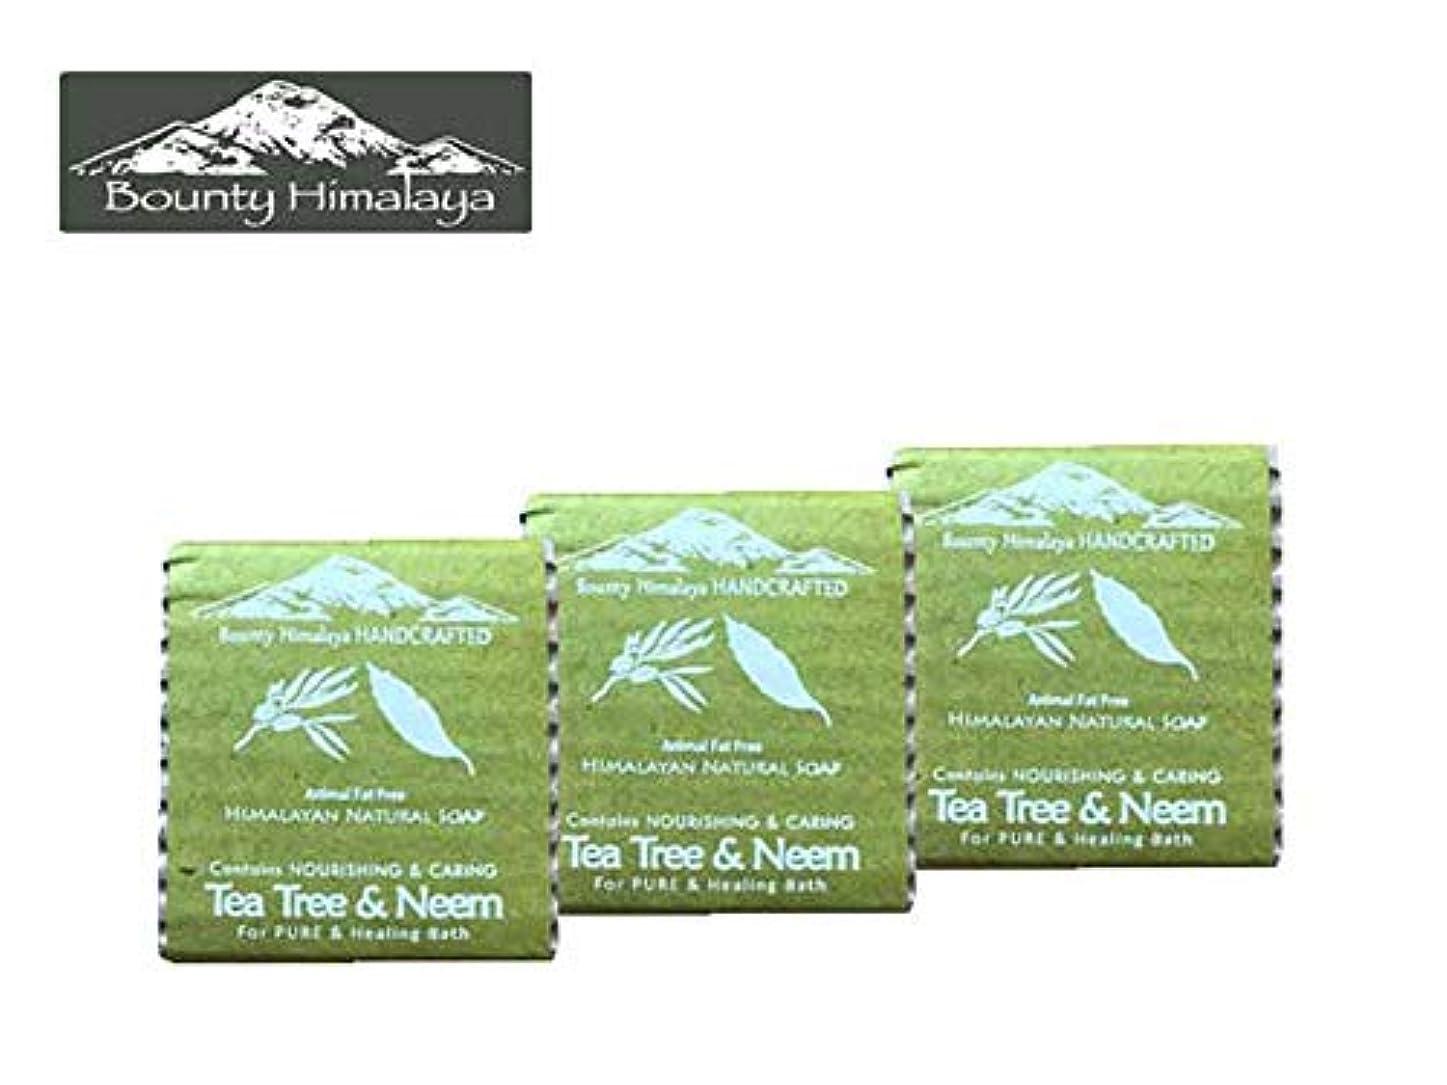 チャップ組み立てるくしゃみアーユルヴェーダ ヒマラヤ ティーツリー?ニーム ソープ3セット Bounty Himalaya Tea Tree & Neem SOAP(NEPAL AYURVEDA) 100g